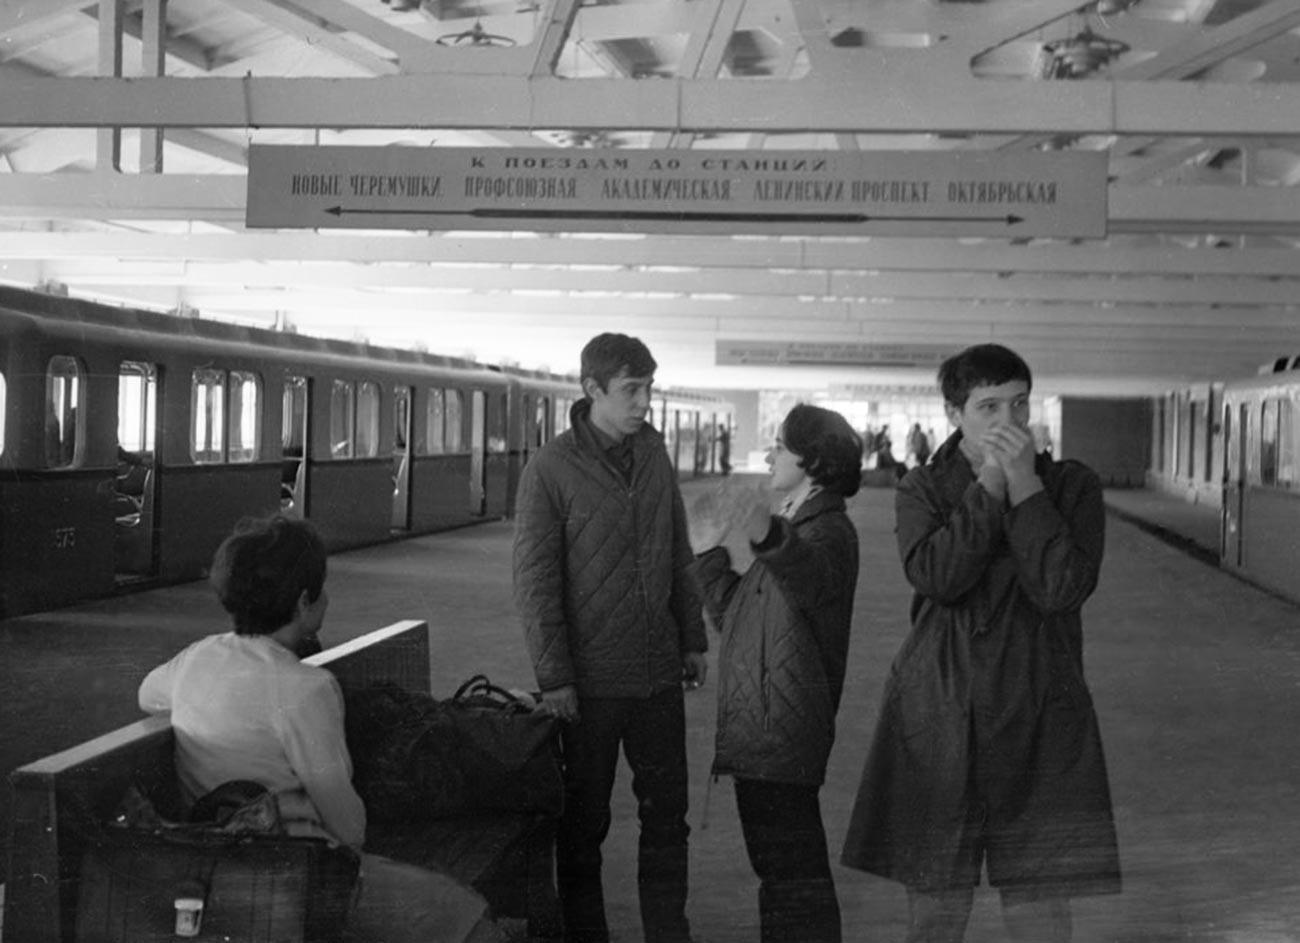 Penumpang berada di peron Stasiun Kaluzhkaya yang lama.